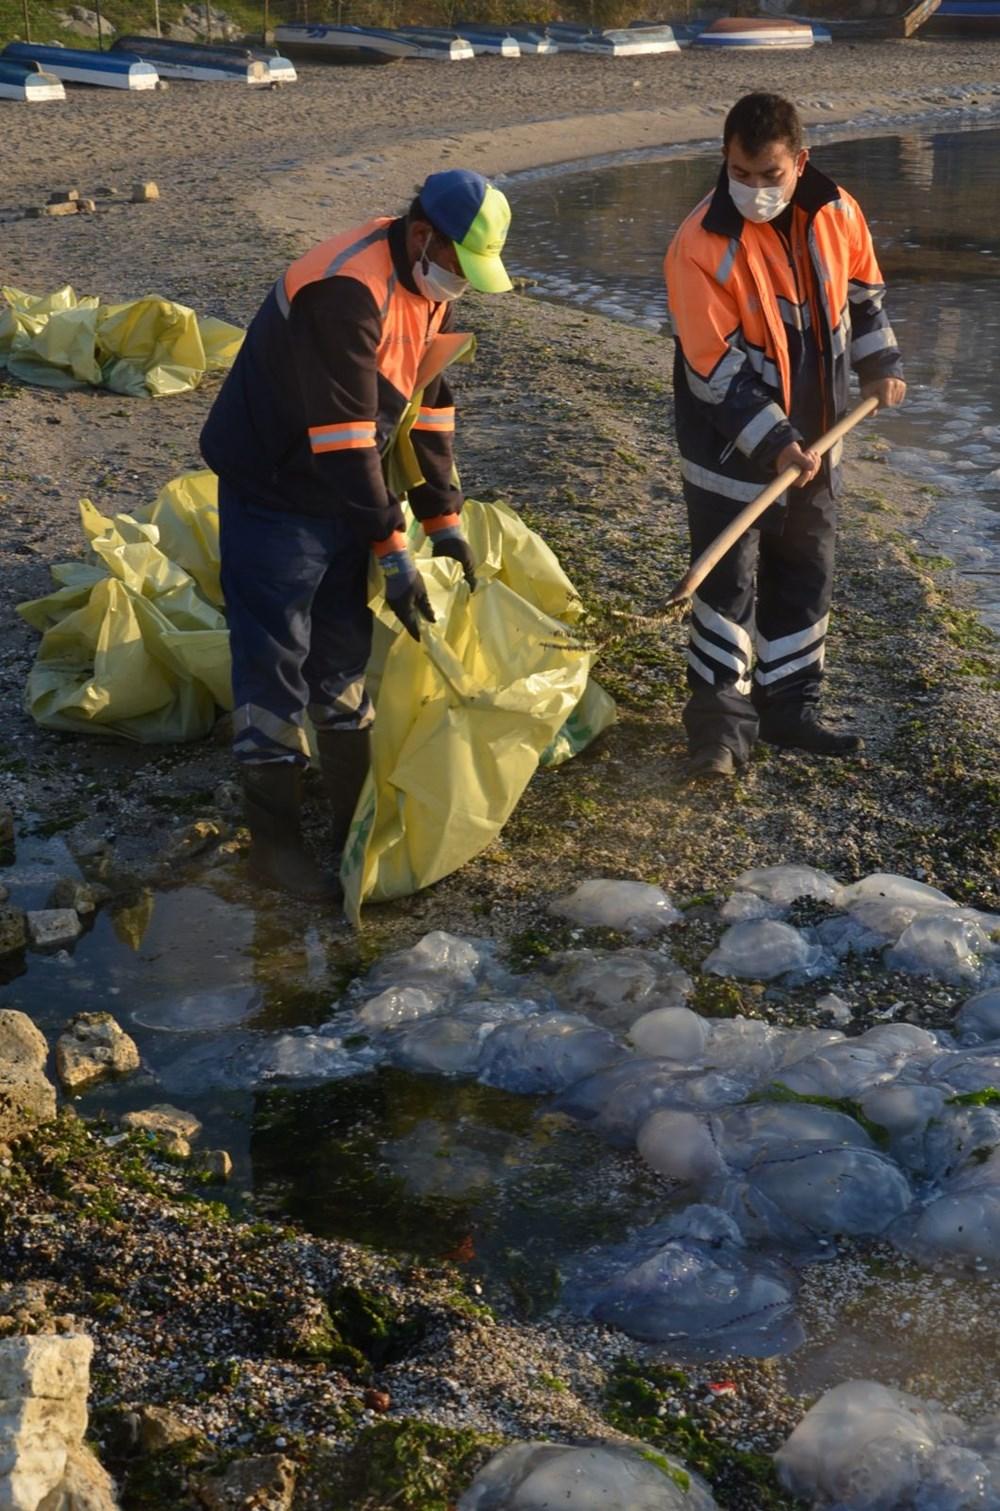 İstanbul'da korkutan dev denizanaları: Her biri en az bir kilo ağırlığında - 9